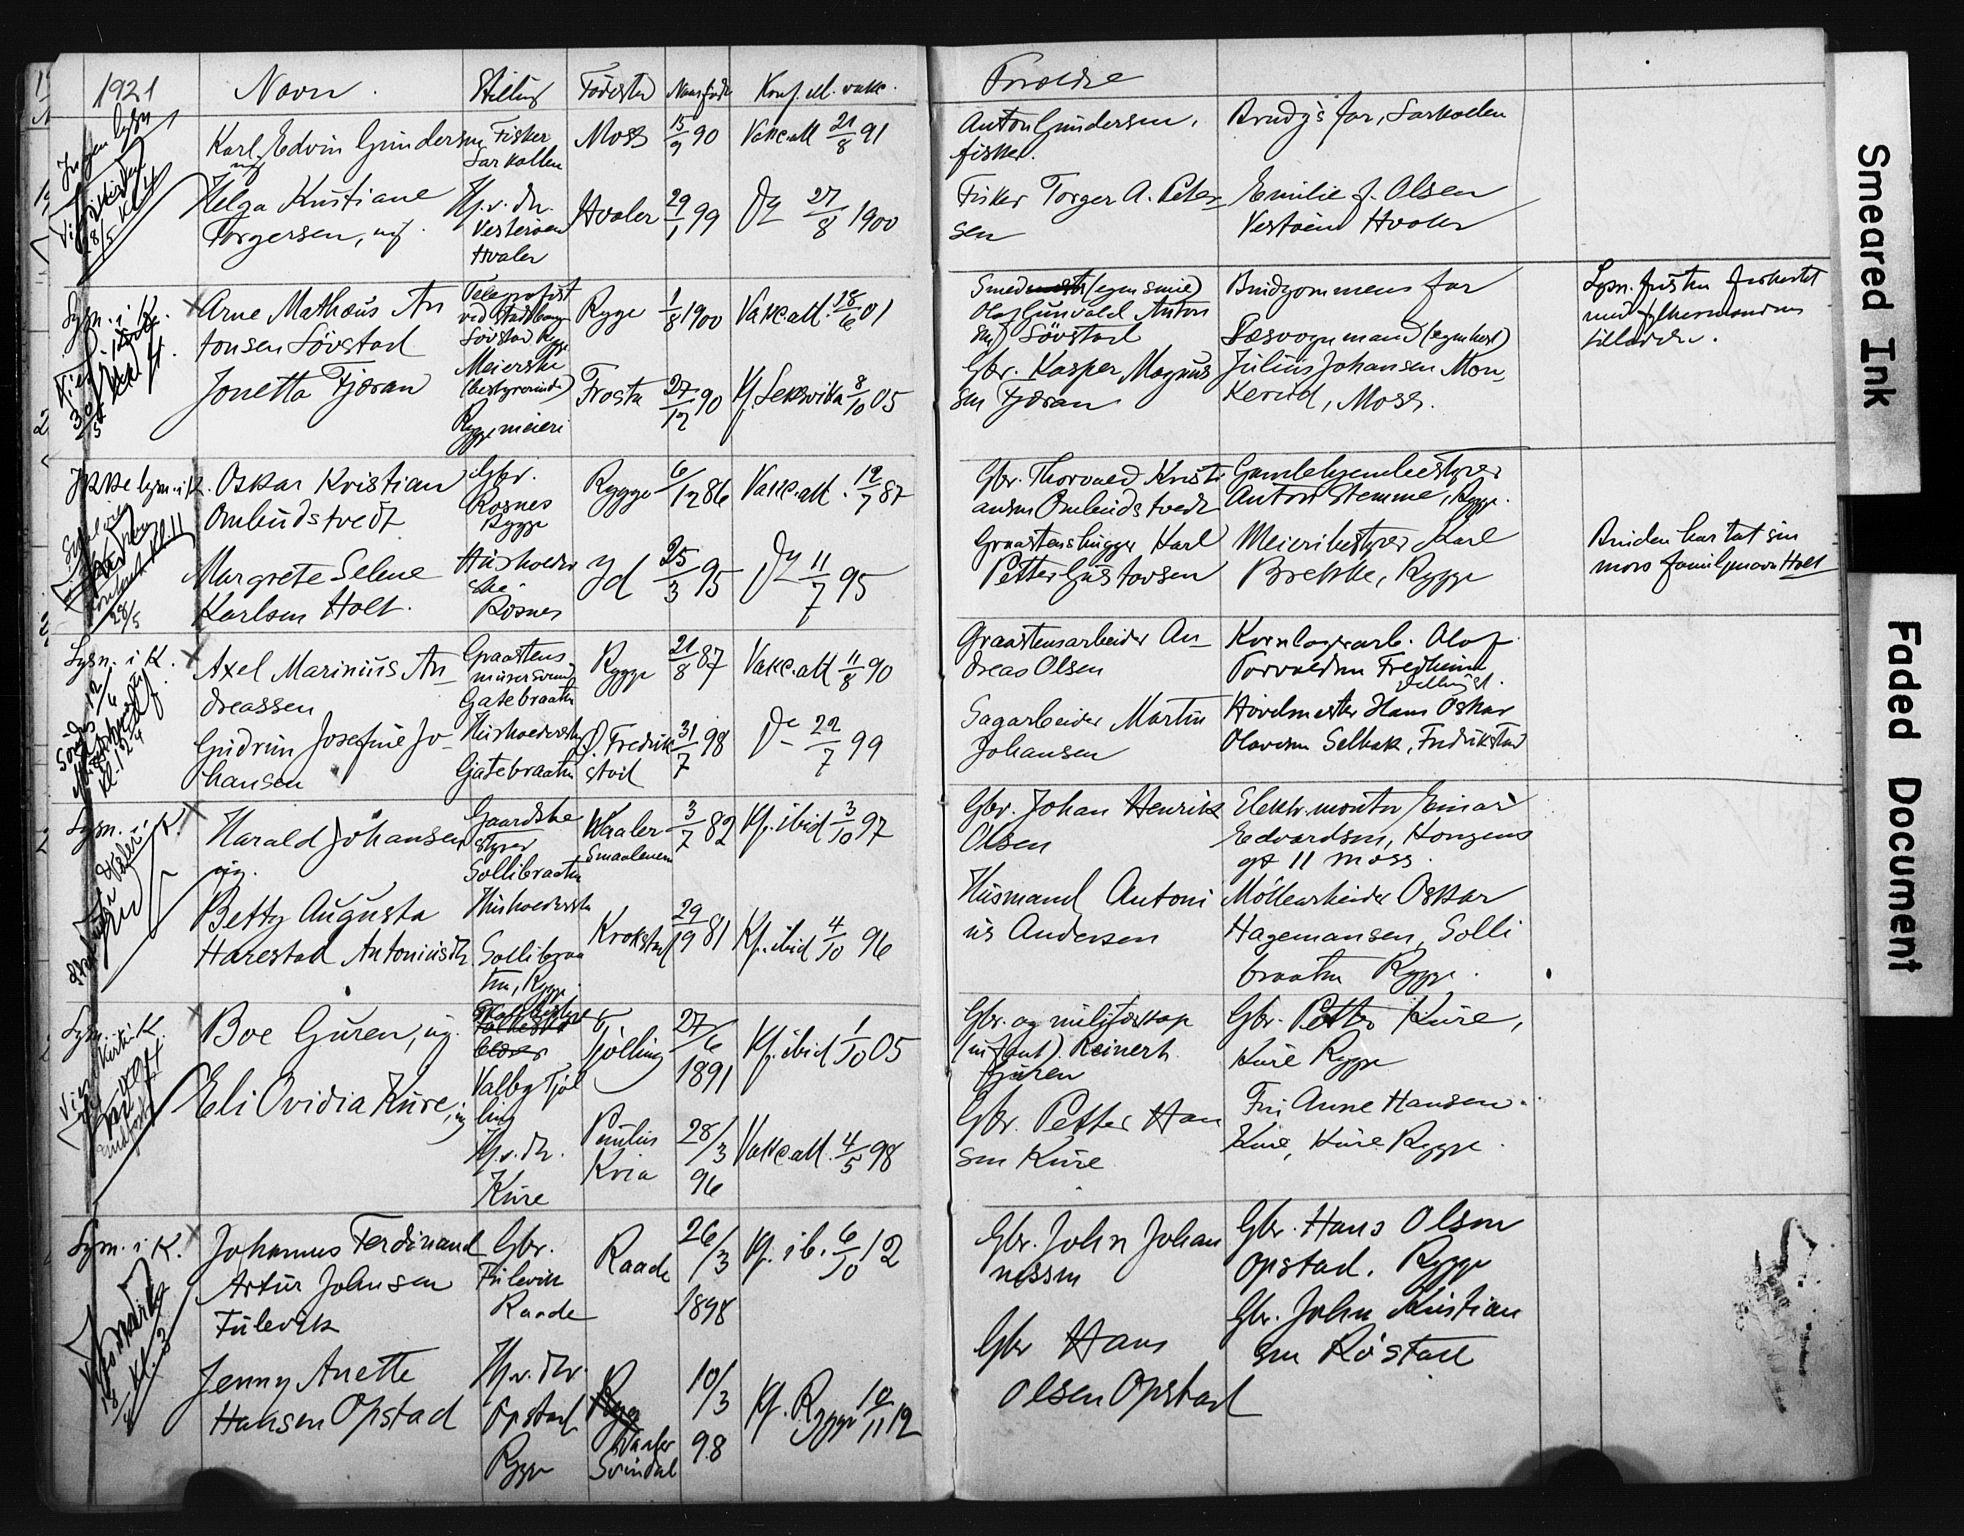 SAT, Ministerialprotokoller, klokkerbøker og fødselsregistre - Sør-Trøndelag, 604/L0202: Lysningsprotokoll nr. 604A22, 1914-1927